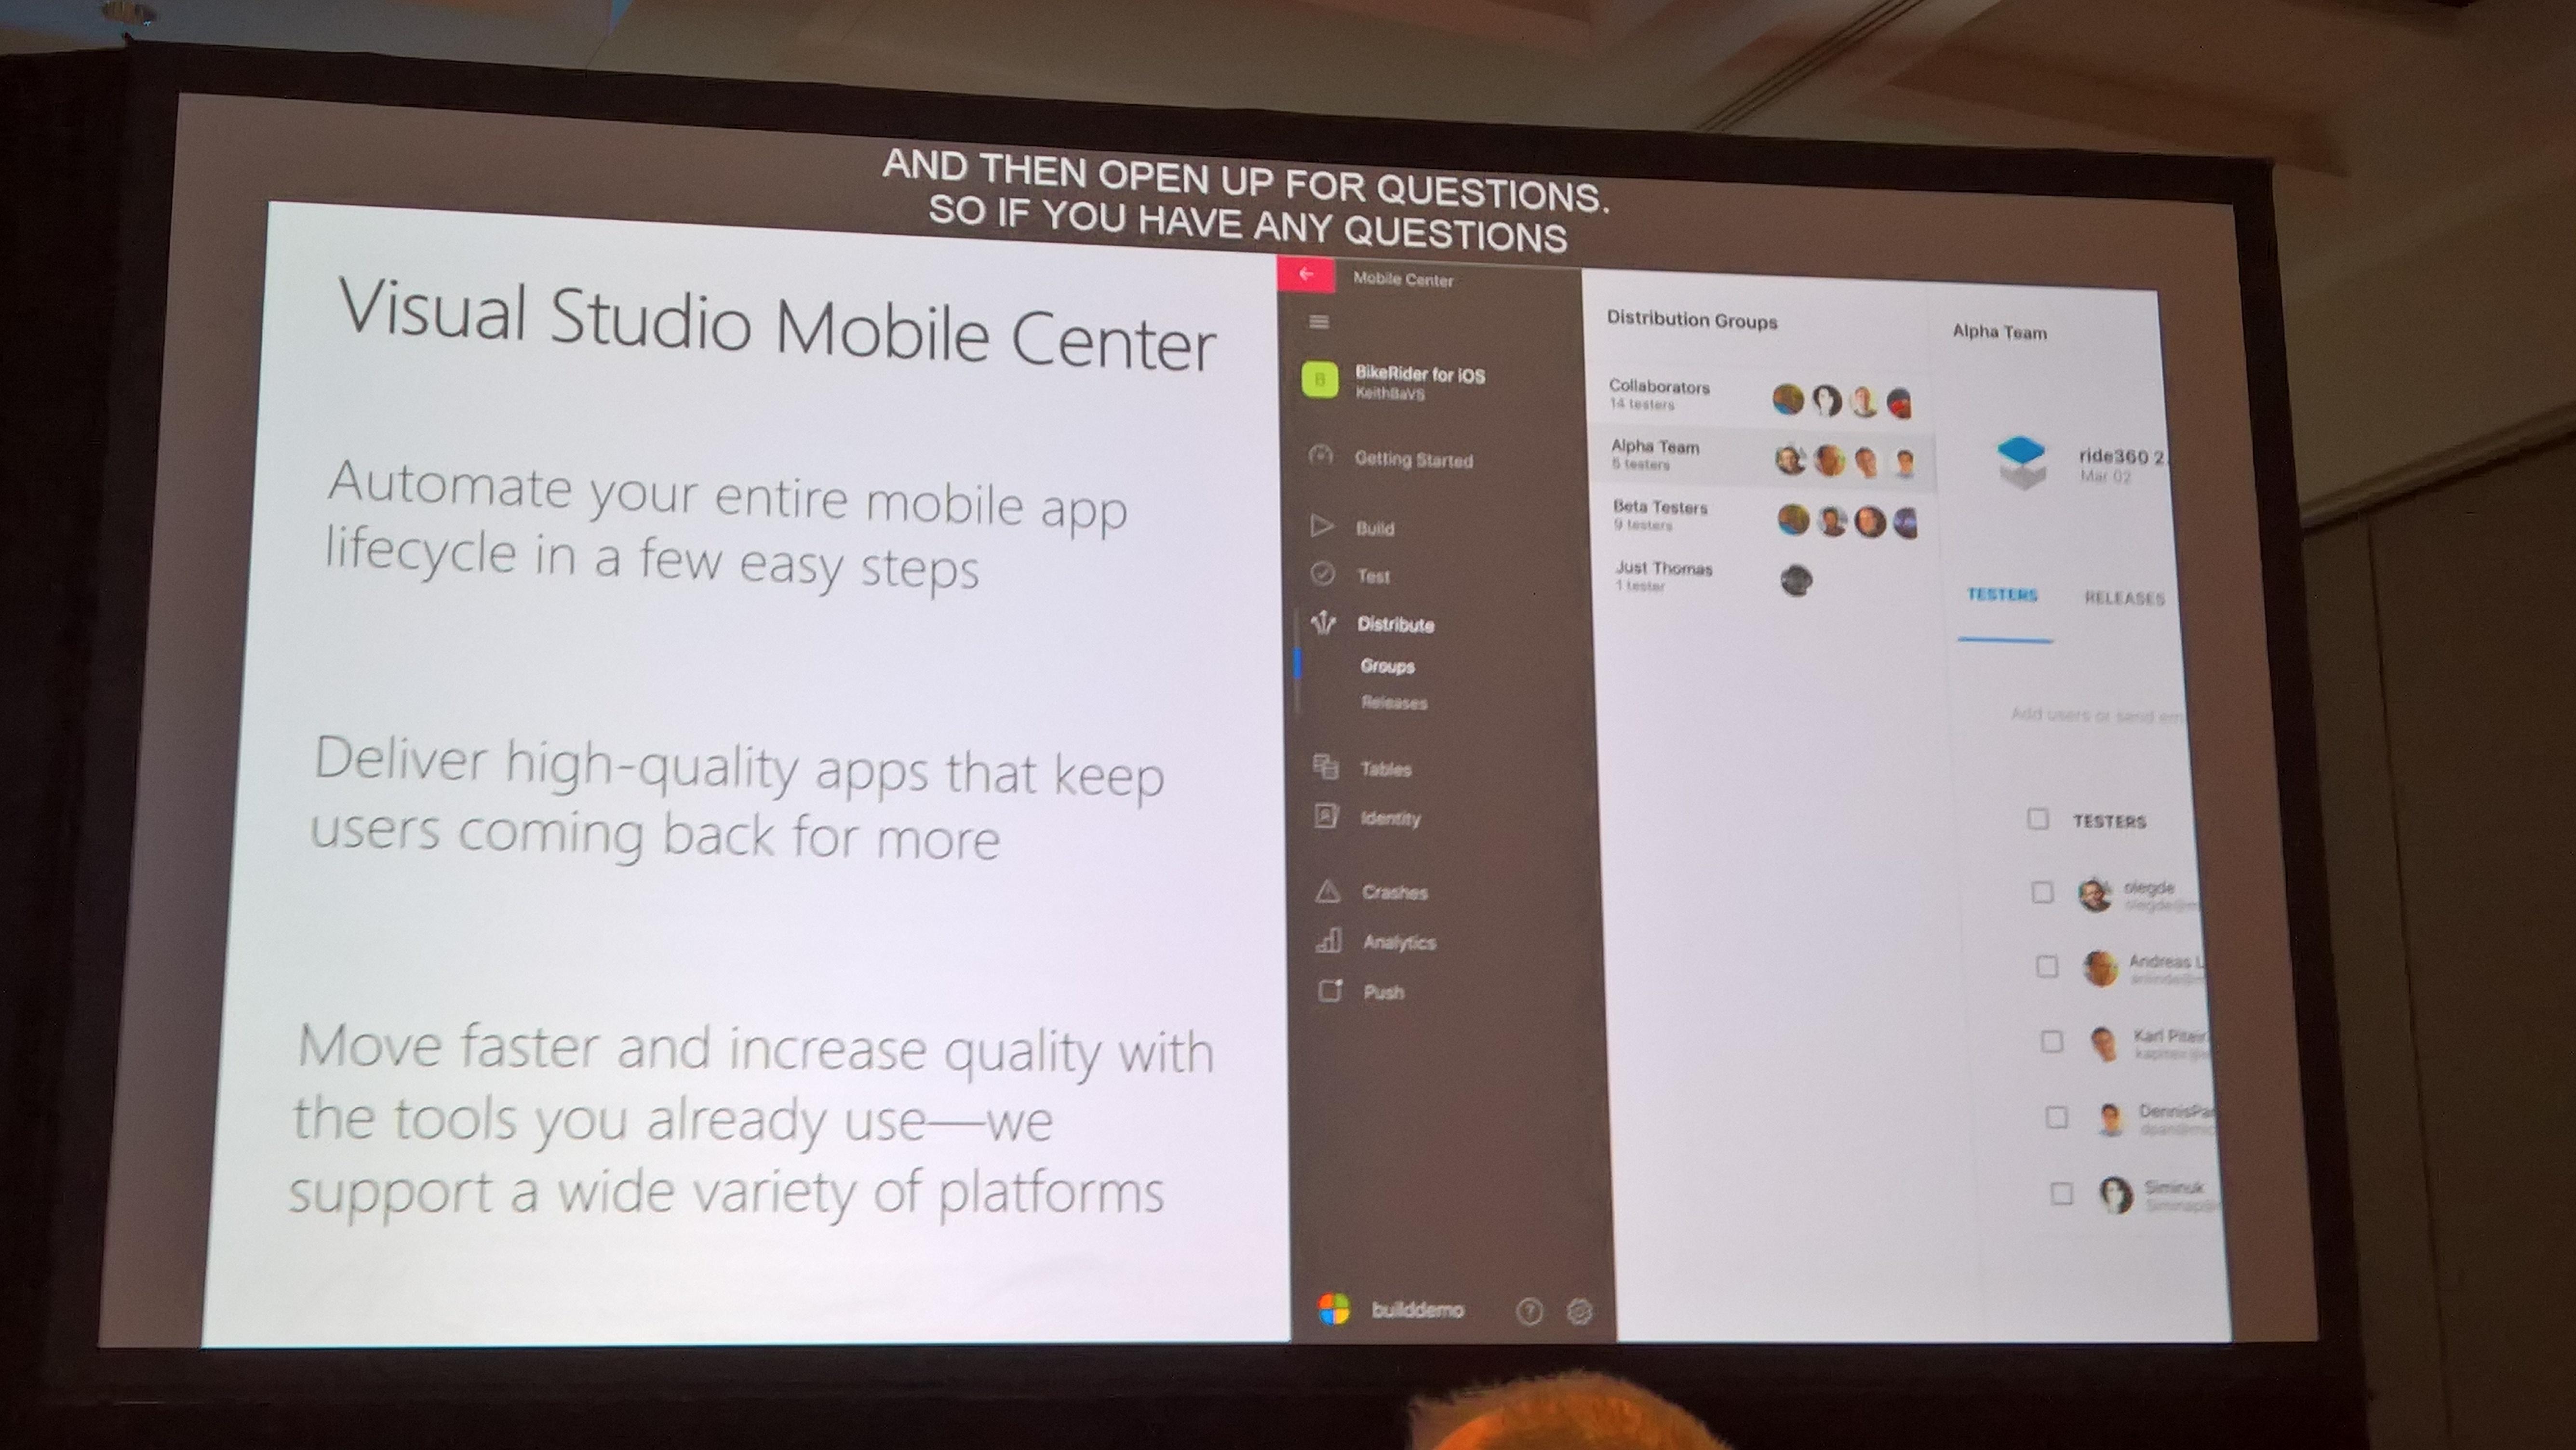 Build 2017 – Visual Studio Mobile Center / Fluent Design